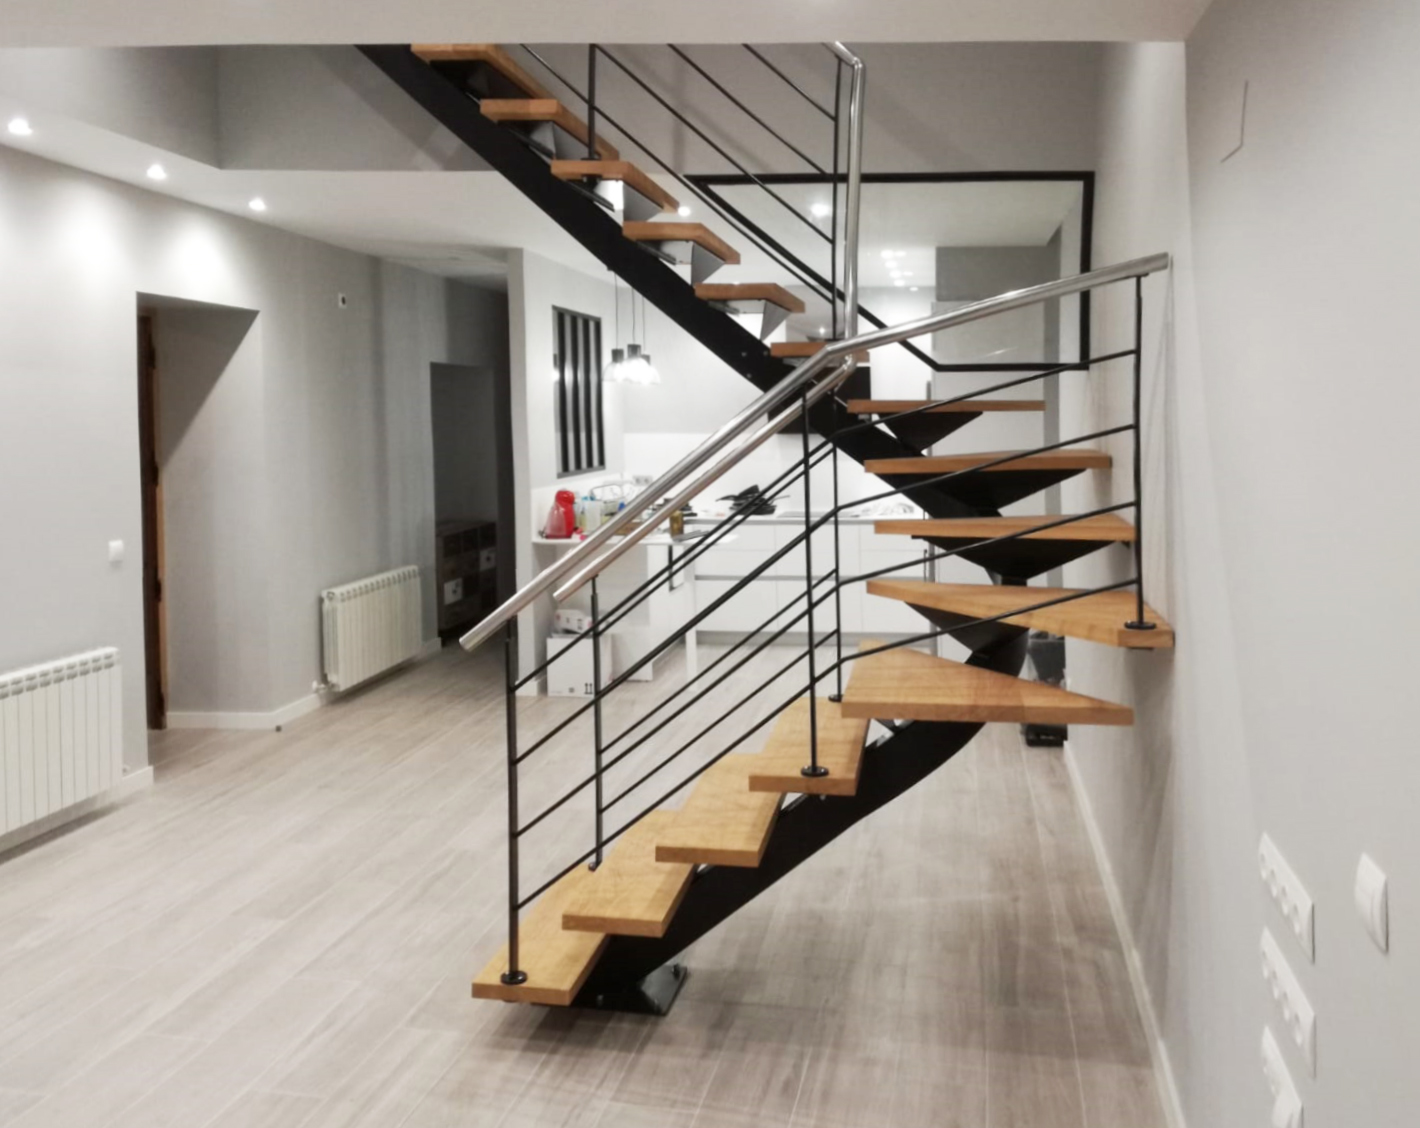 Escalera modelo urdax de zanca central helicoidal - Precio escaleras interiores ...